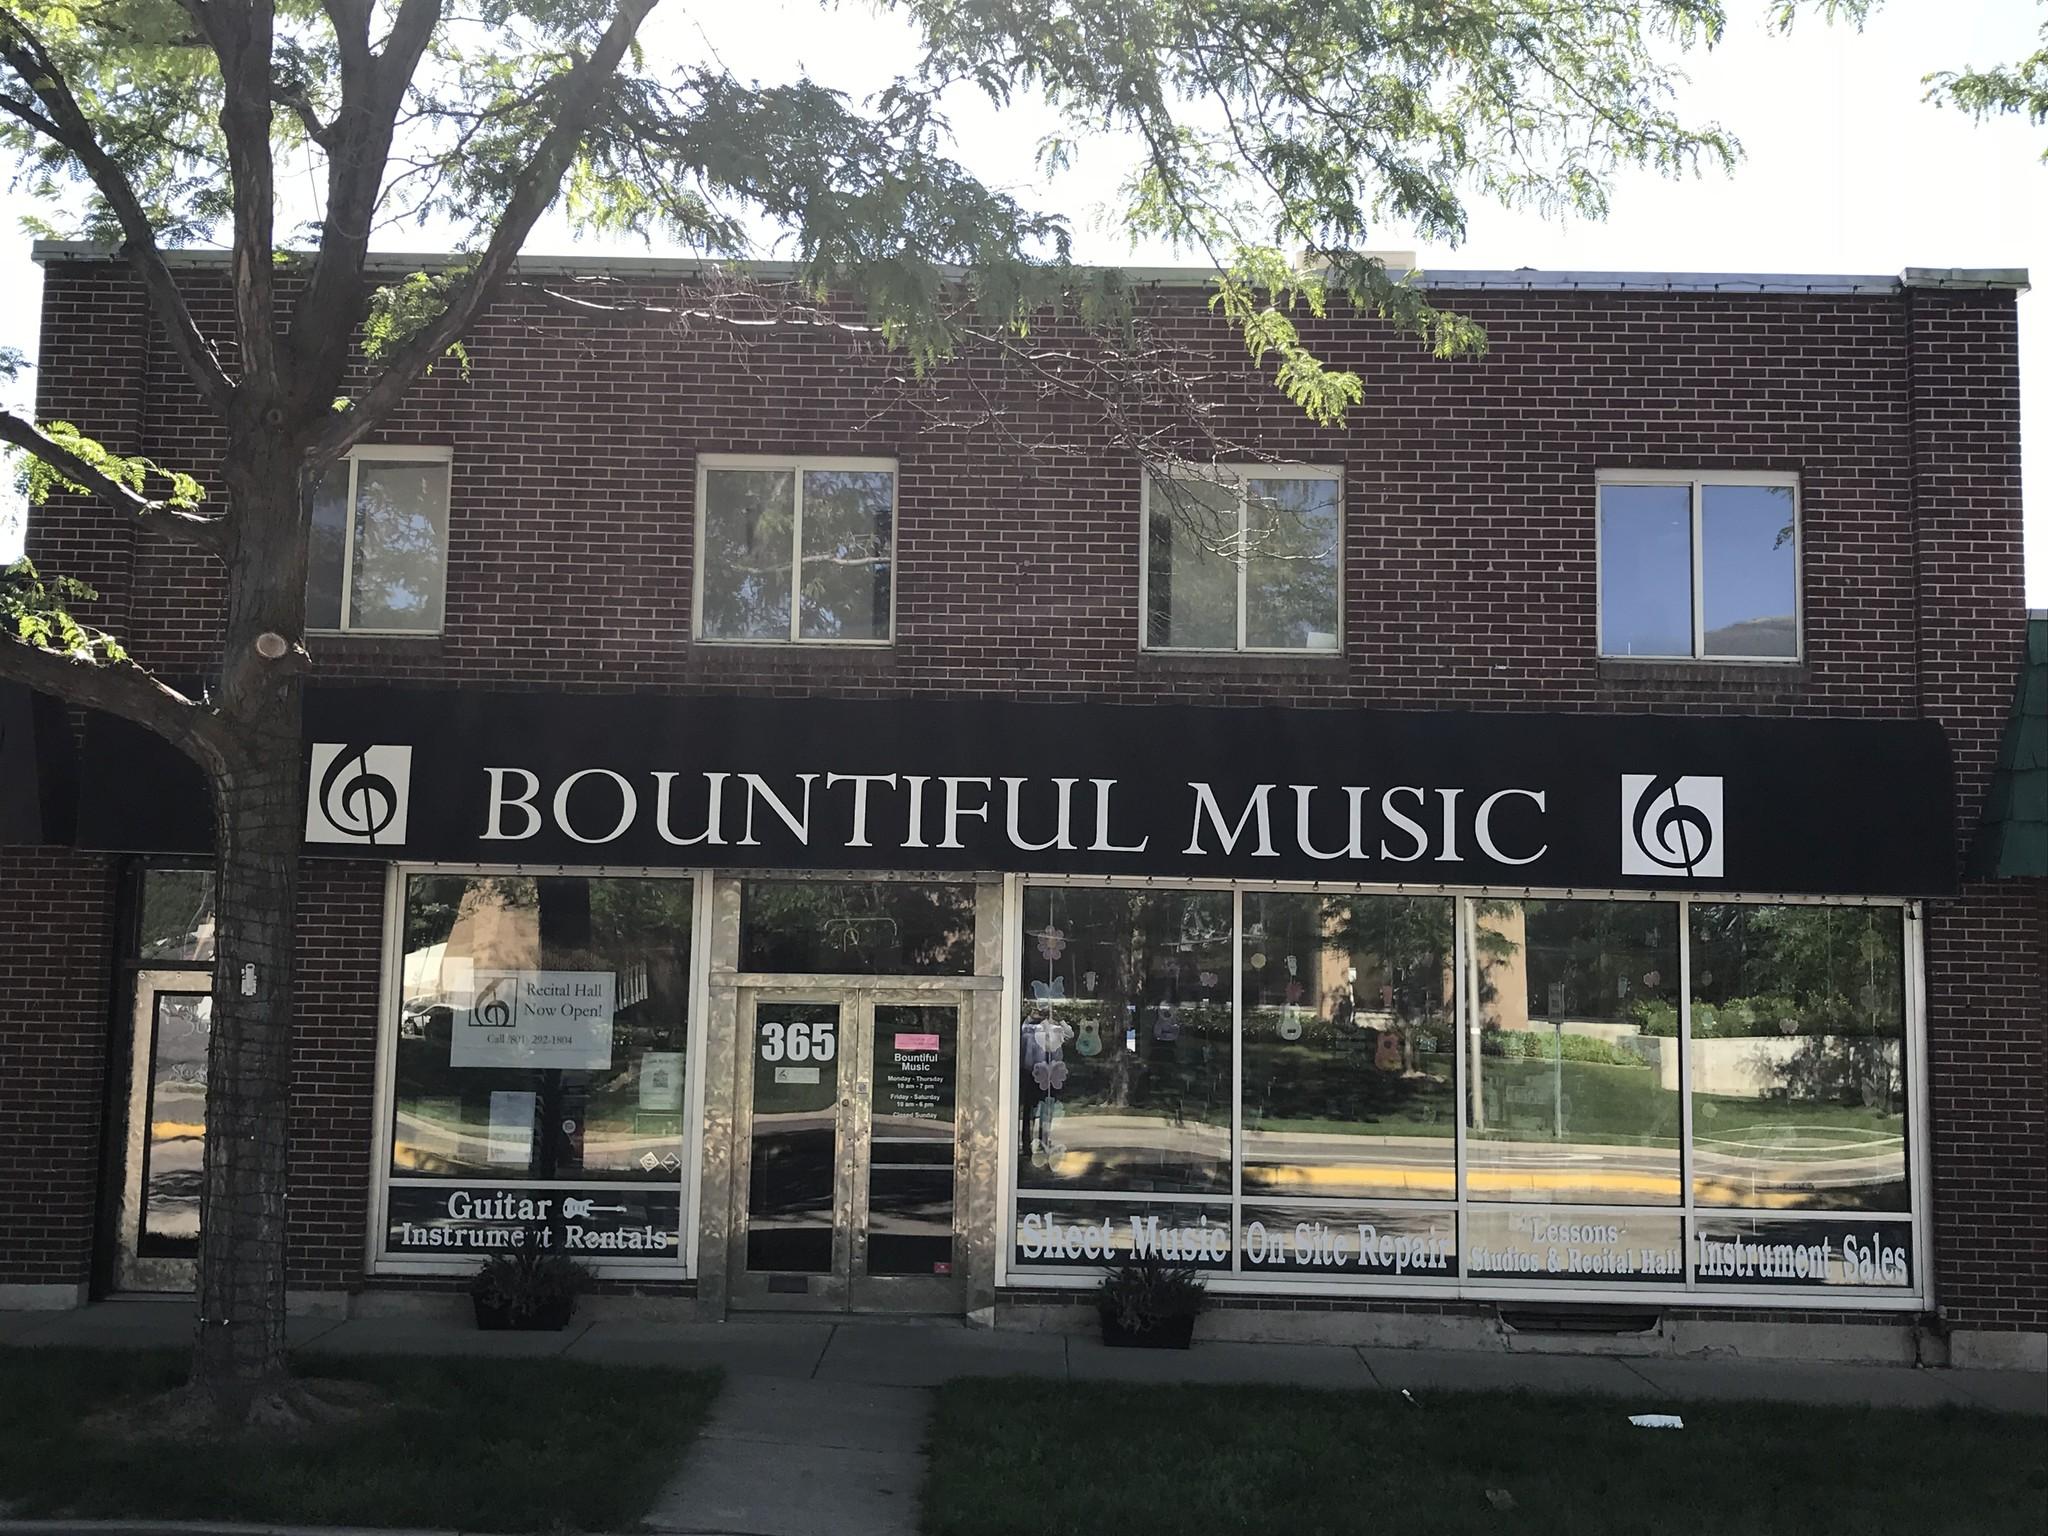 Bountiful Music - Store Outside